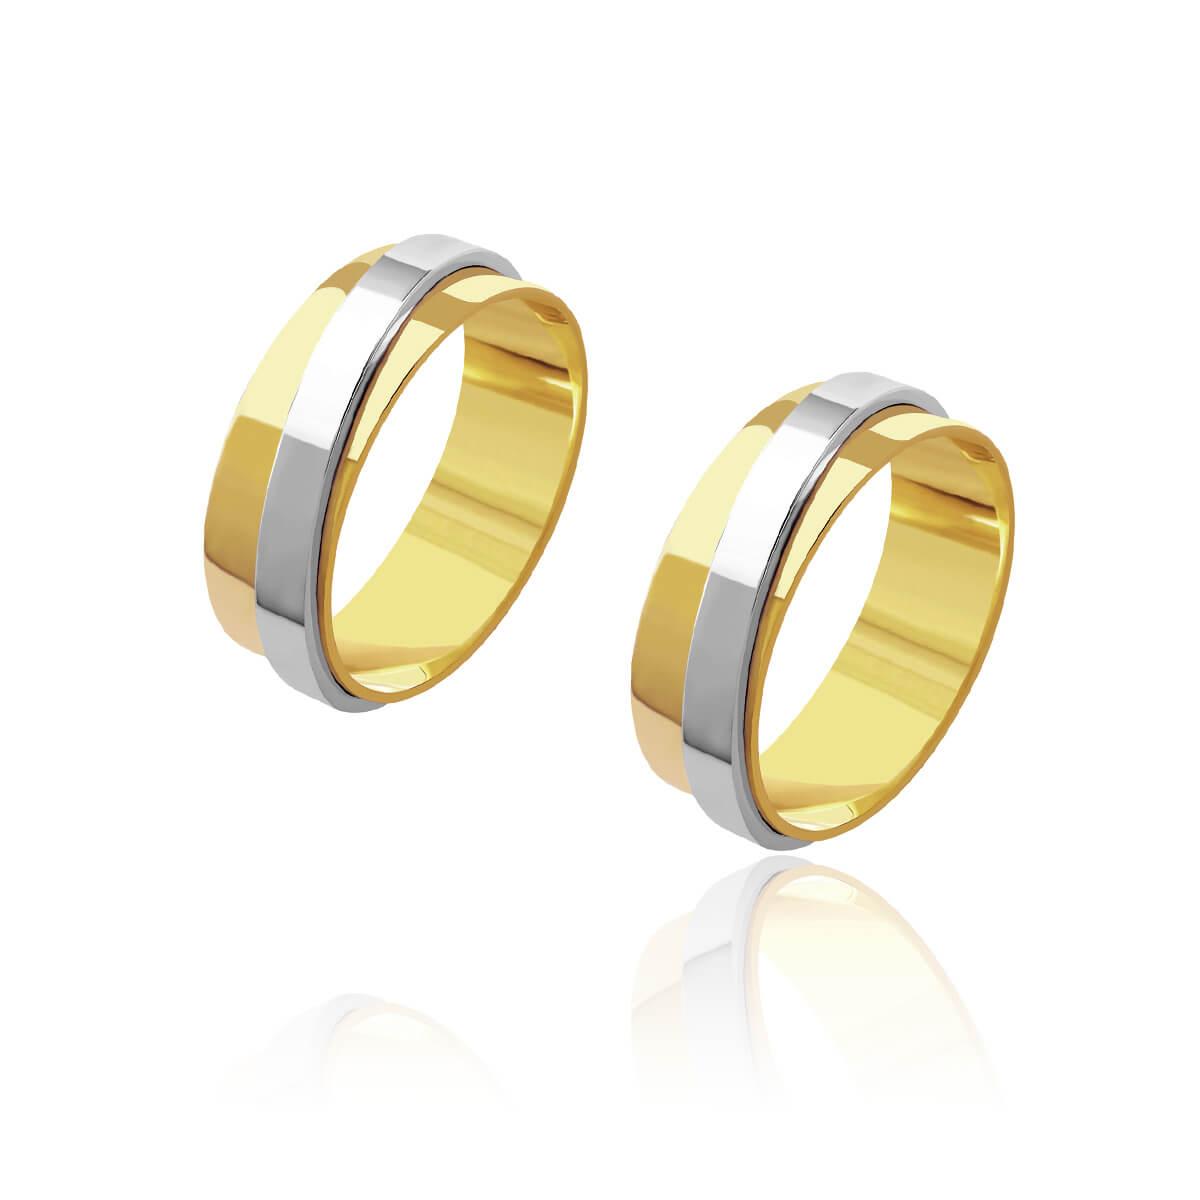 Par de Alianças de Casamento Hera Ouro Friso Diagonal Ouro Branco 7mm 12g